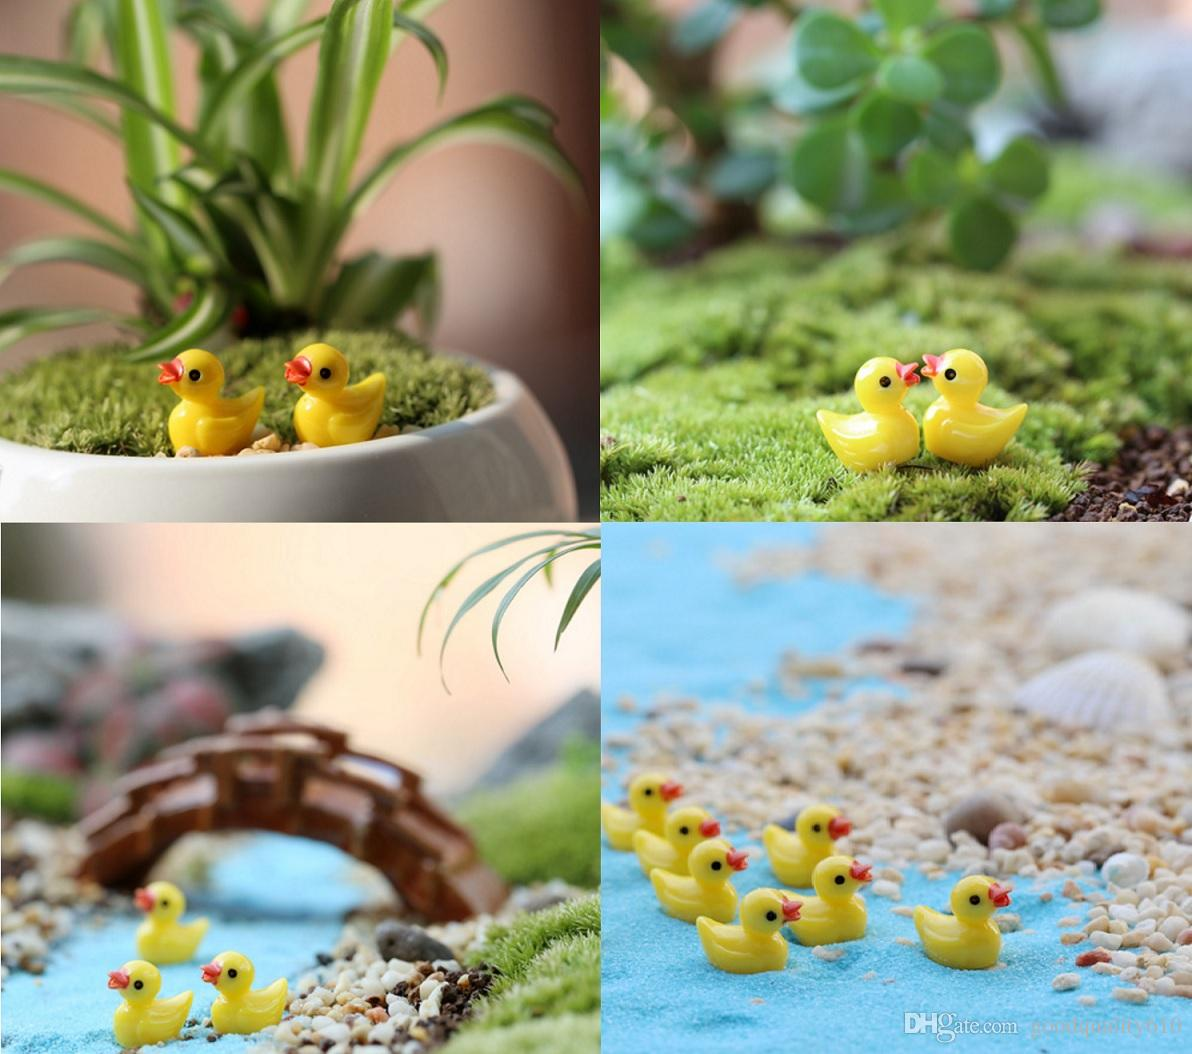 Résine Canard Miniatures Paysage Accessoires Pour La Maison Jardin Décoration Scrapbooking Artisanat Diy